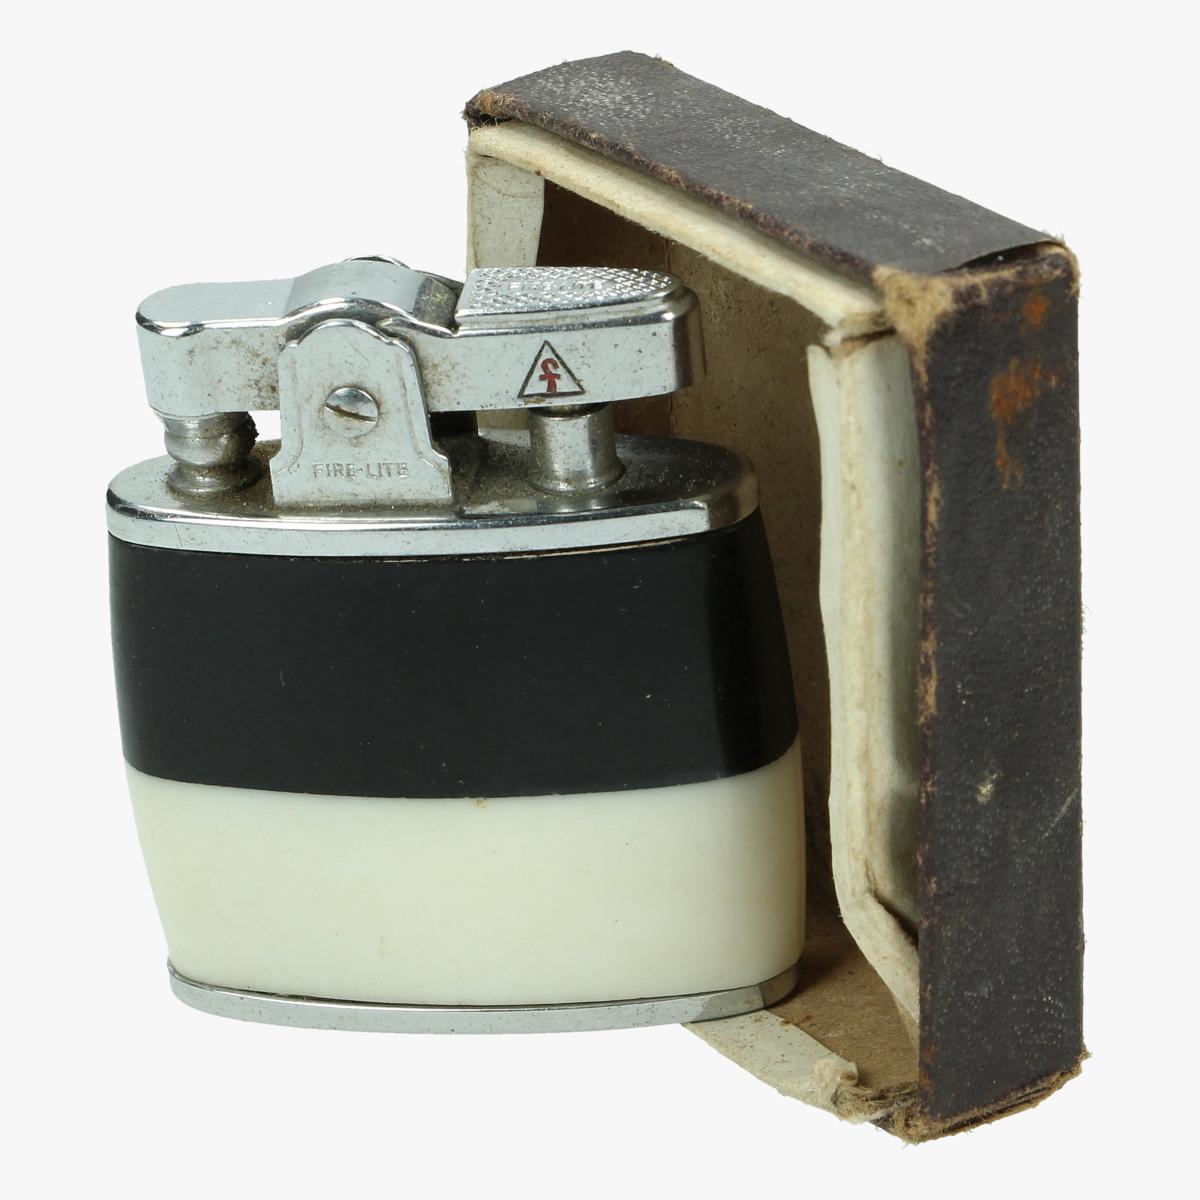 Afbeeldingen van oude aansteker fire lite  in doosje made in japan